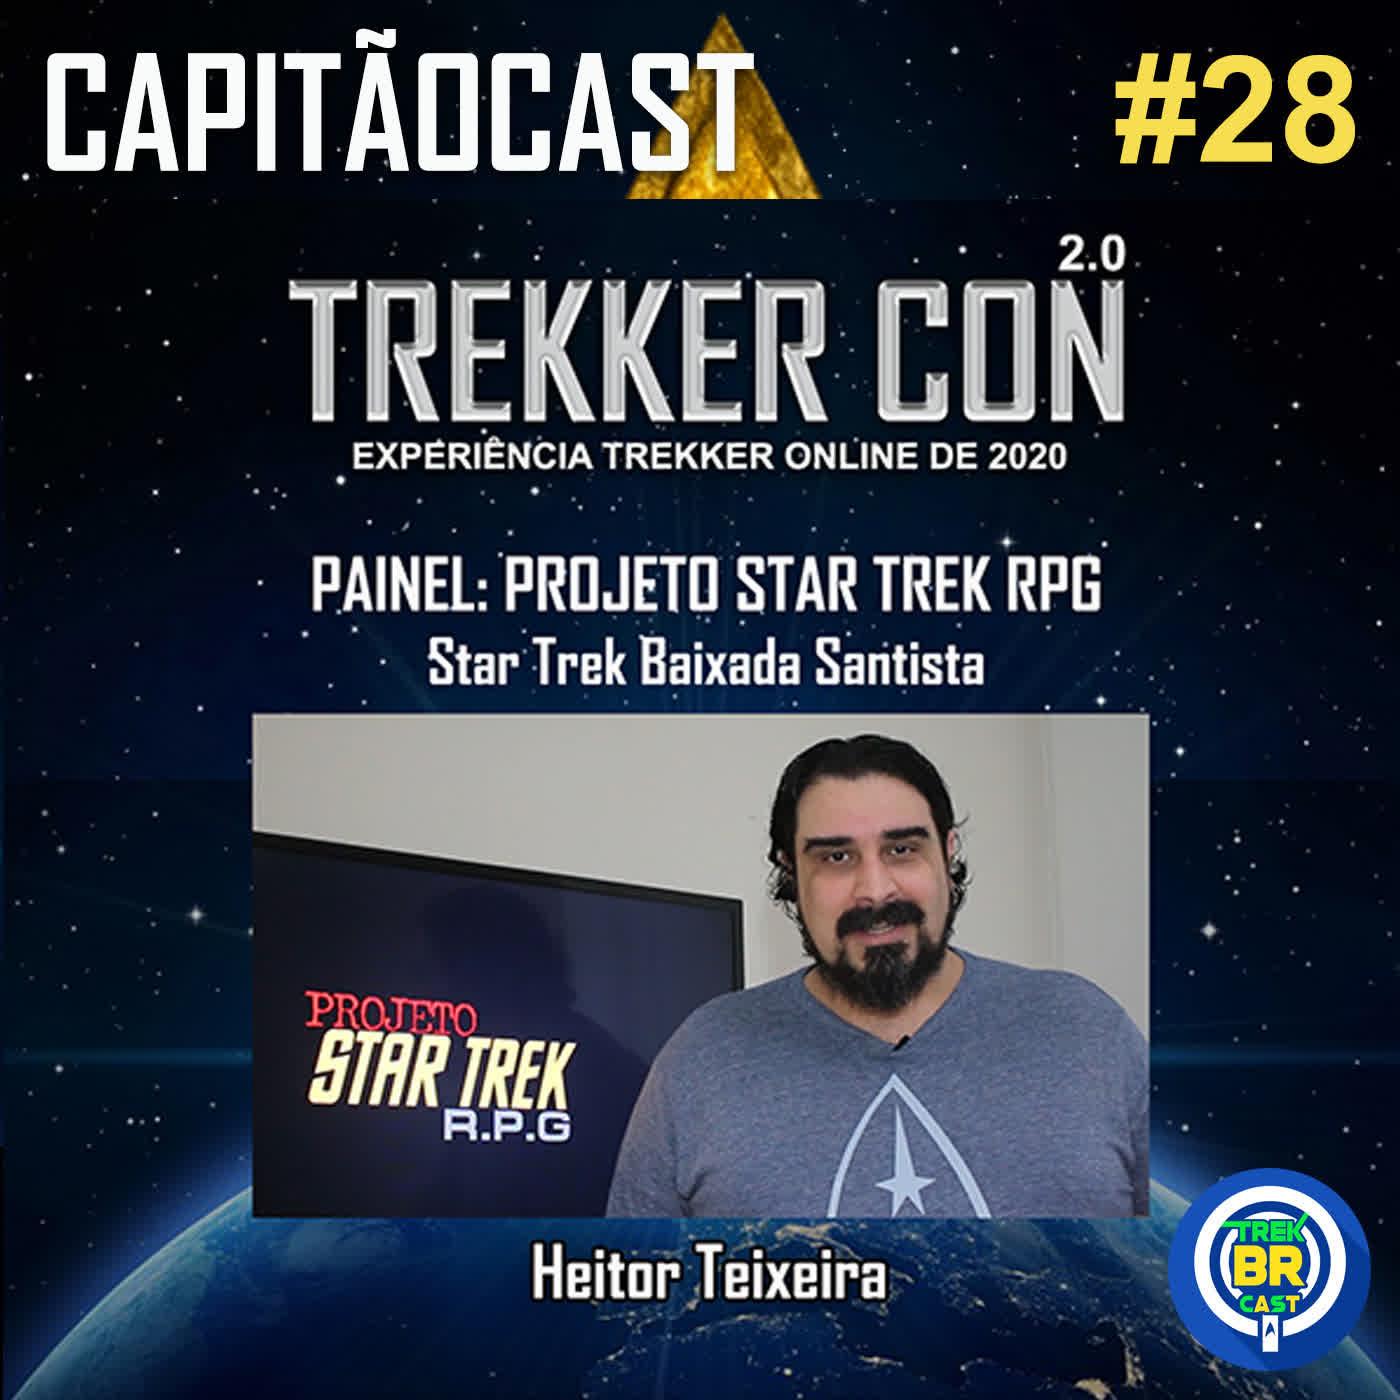 Projeto Star trek RPG - Diário do Capitão S06EP146